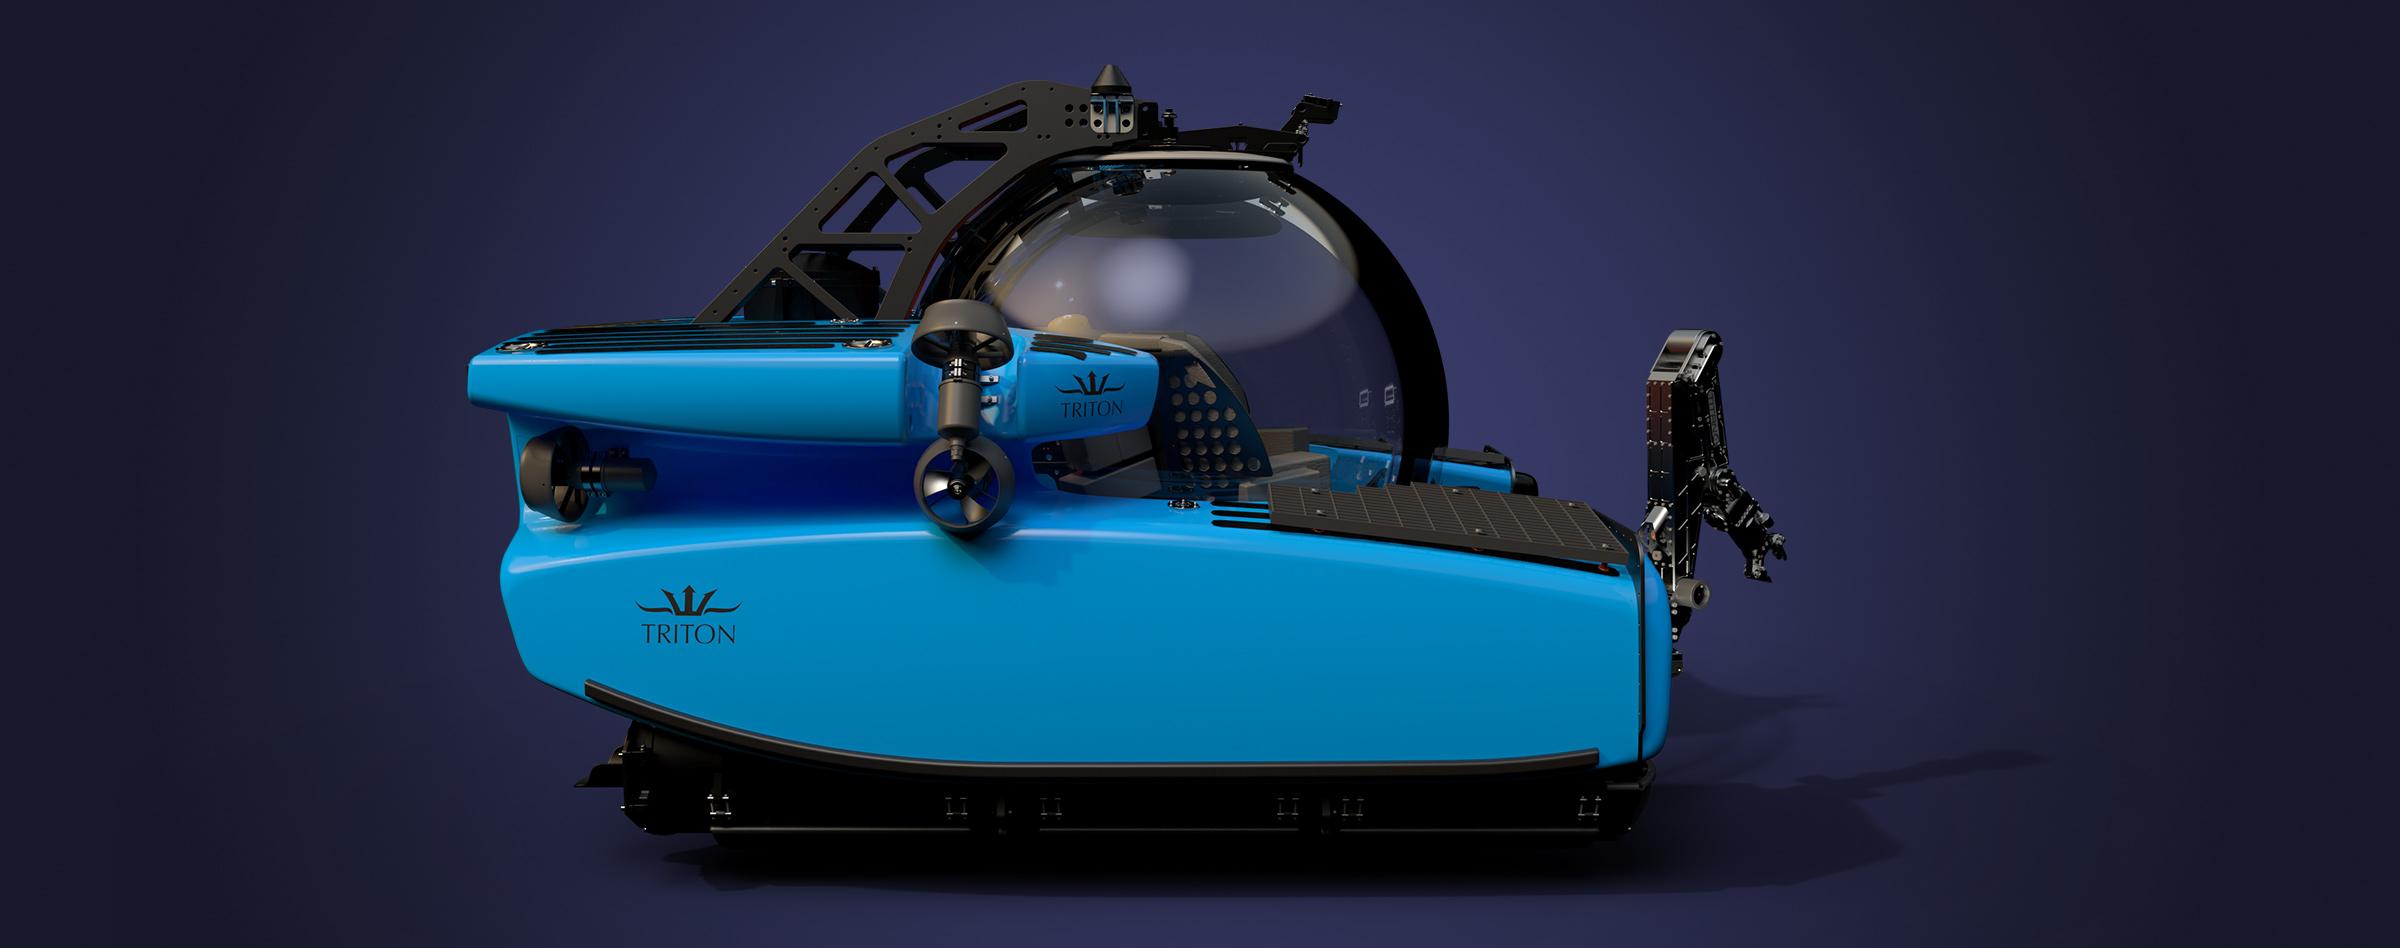 Triton's flagship professional submersible - The TRITON 3300/3 MKII